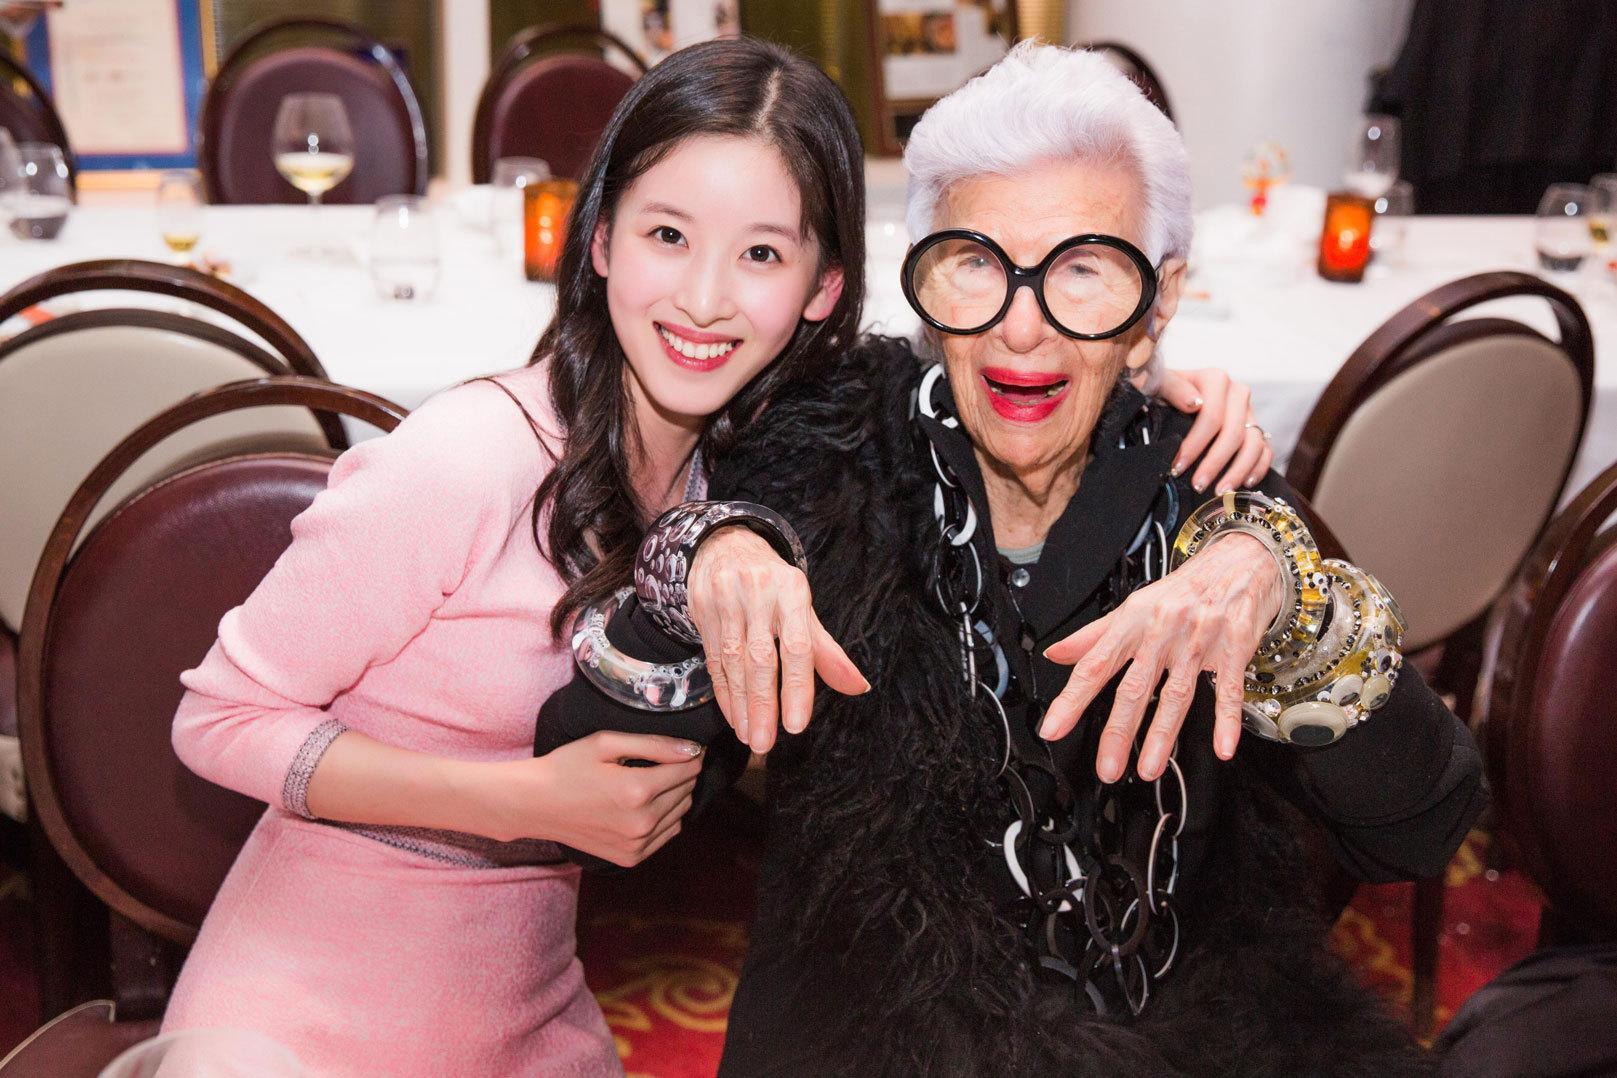 Từ khi lấy chống, hot girl trà sữa Chương Chiết Thiên liên tục diện đồ hiệu, dự sự kiện thời trang danh tiếng-13